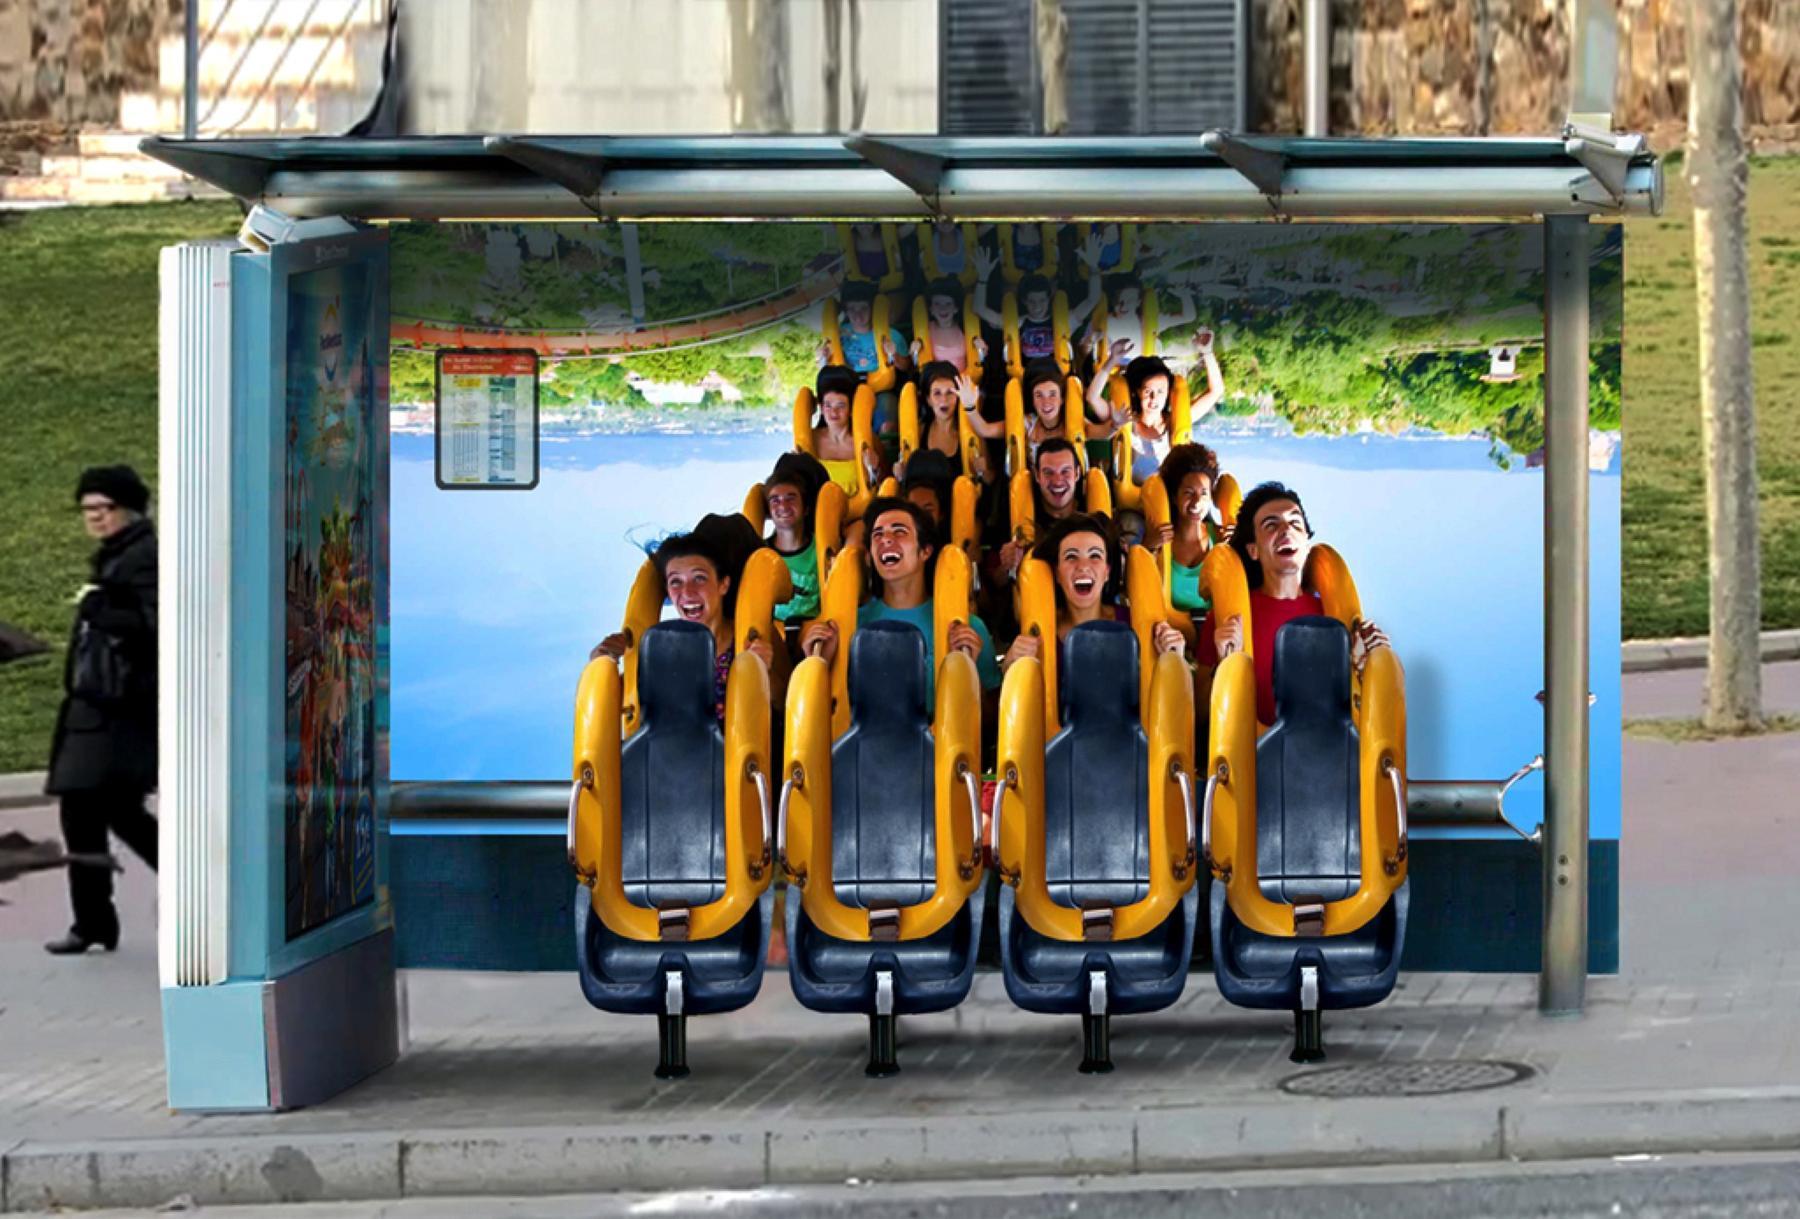 port-aventura-abribus L'image du jour : un parc d'attractions détourne un abribus pour faire sa pub